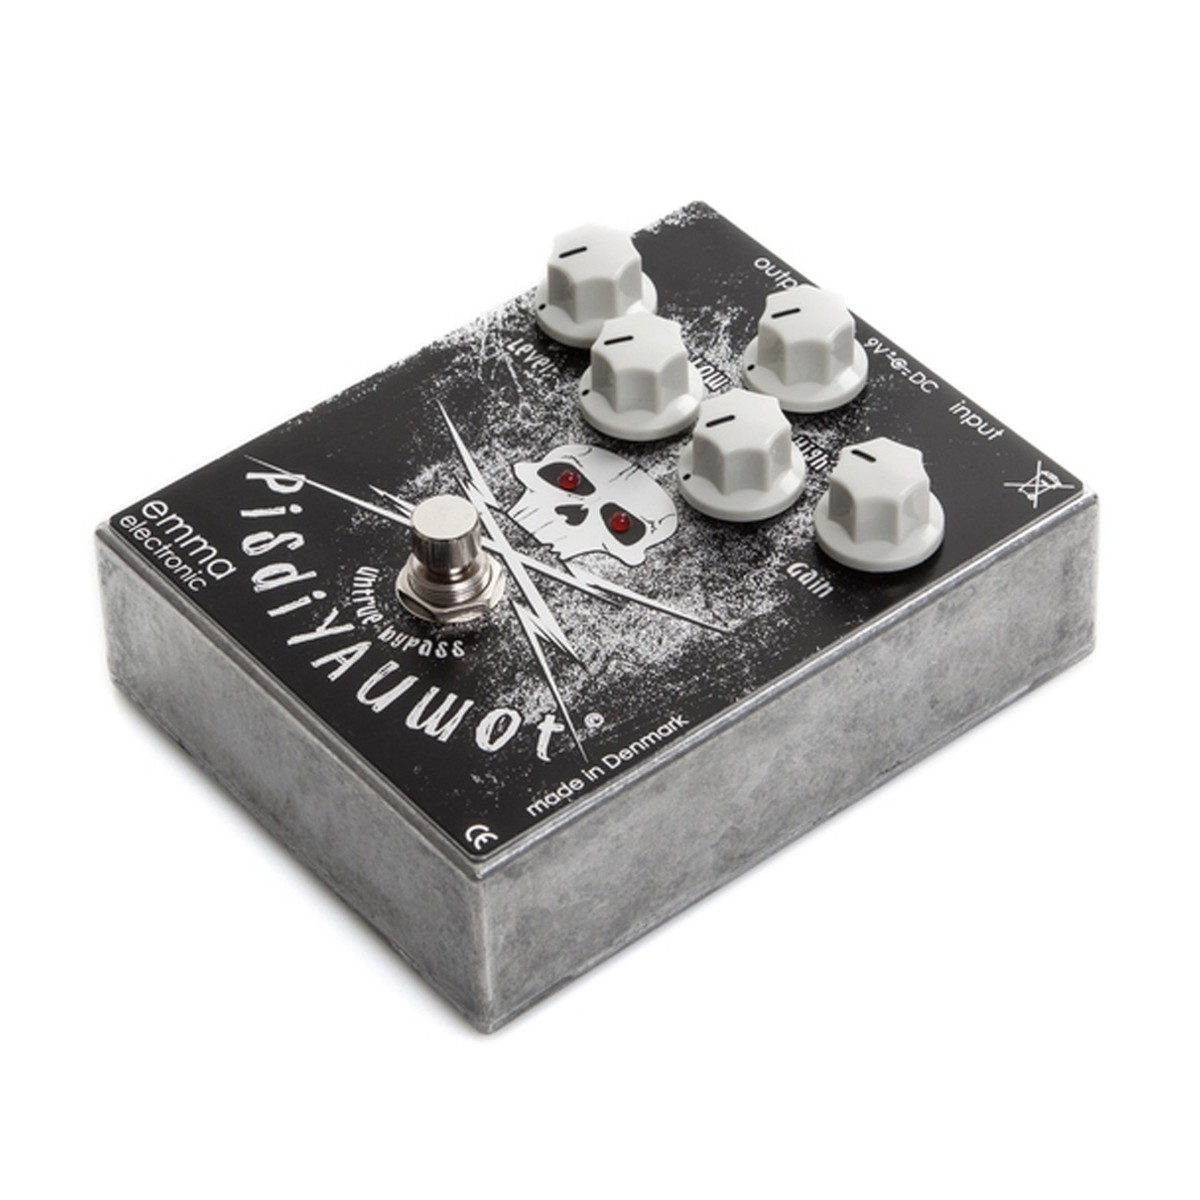 Emma Electronic PisdiYAUwot Metal Distortion Pedal at ...